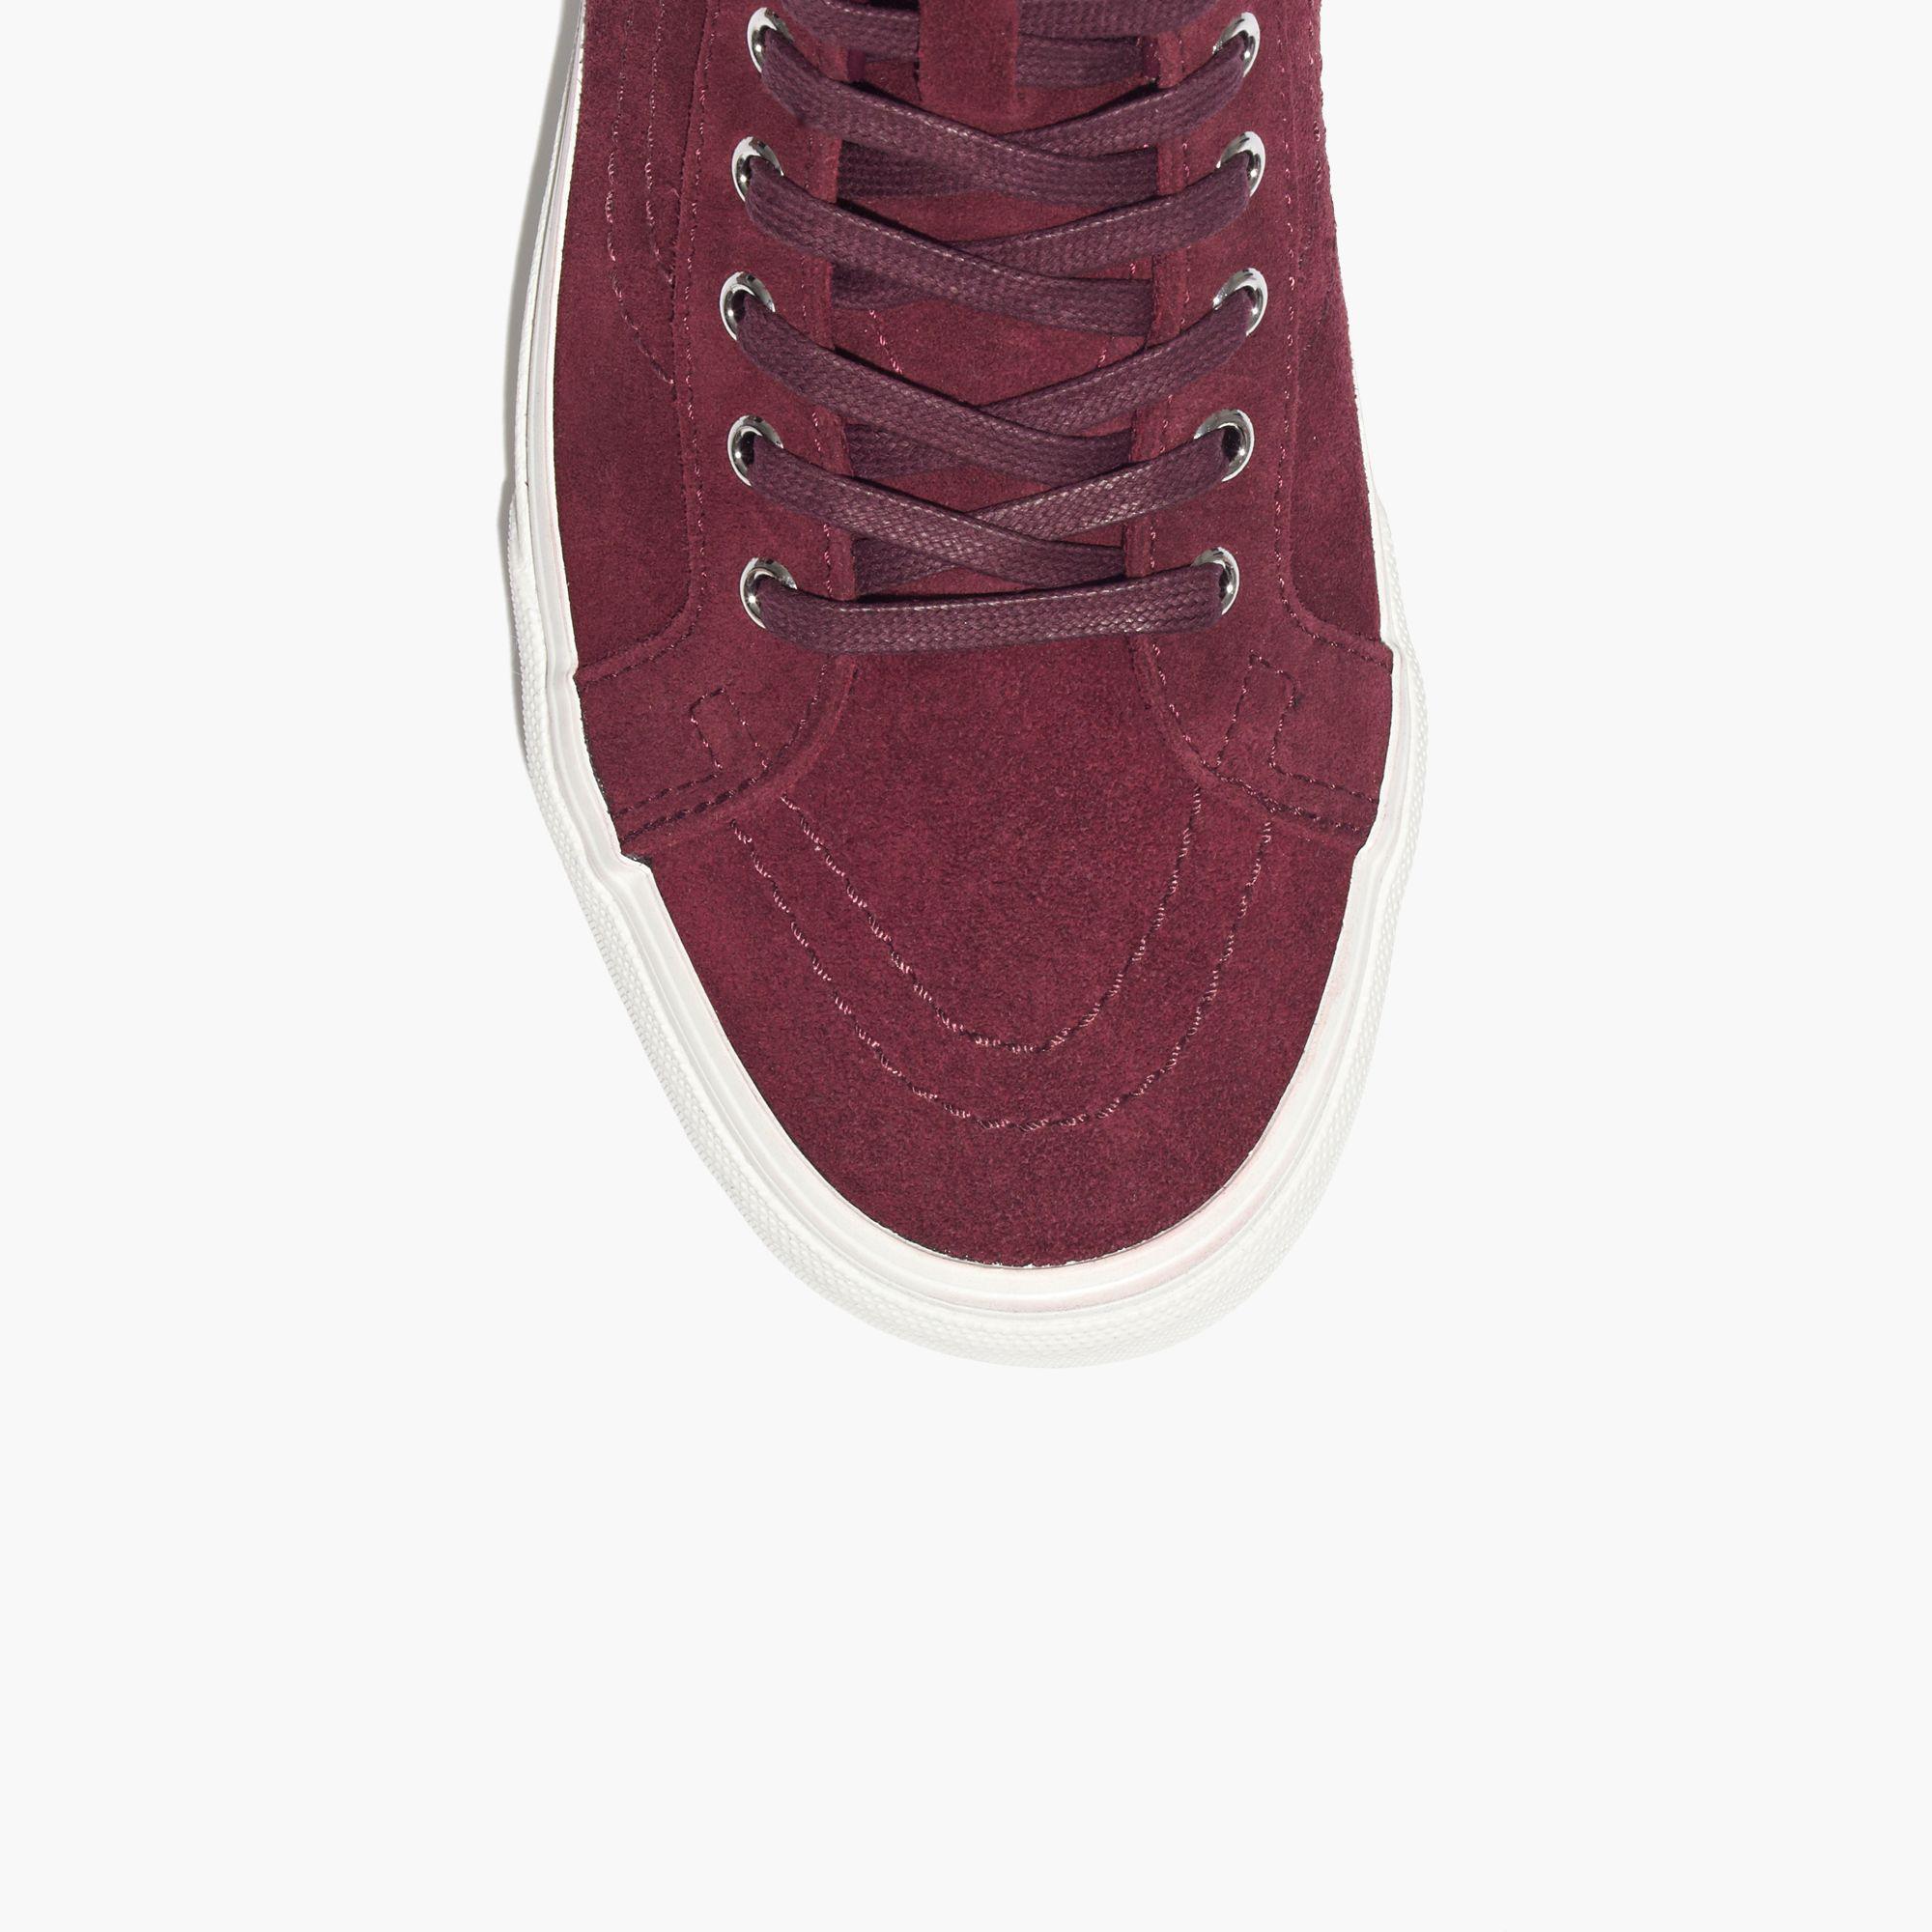 b7a3c2292b9ea2 Madewell Vans® Sk8-hi Moccasin High-top Sneakers in Purple - Lyst